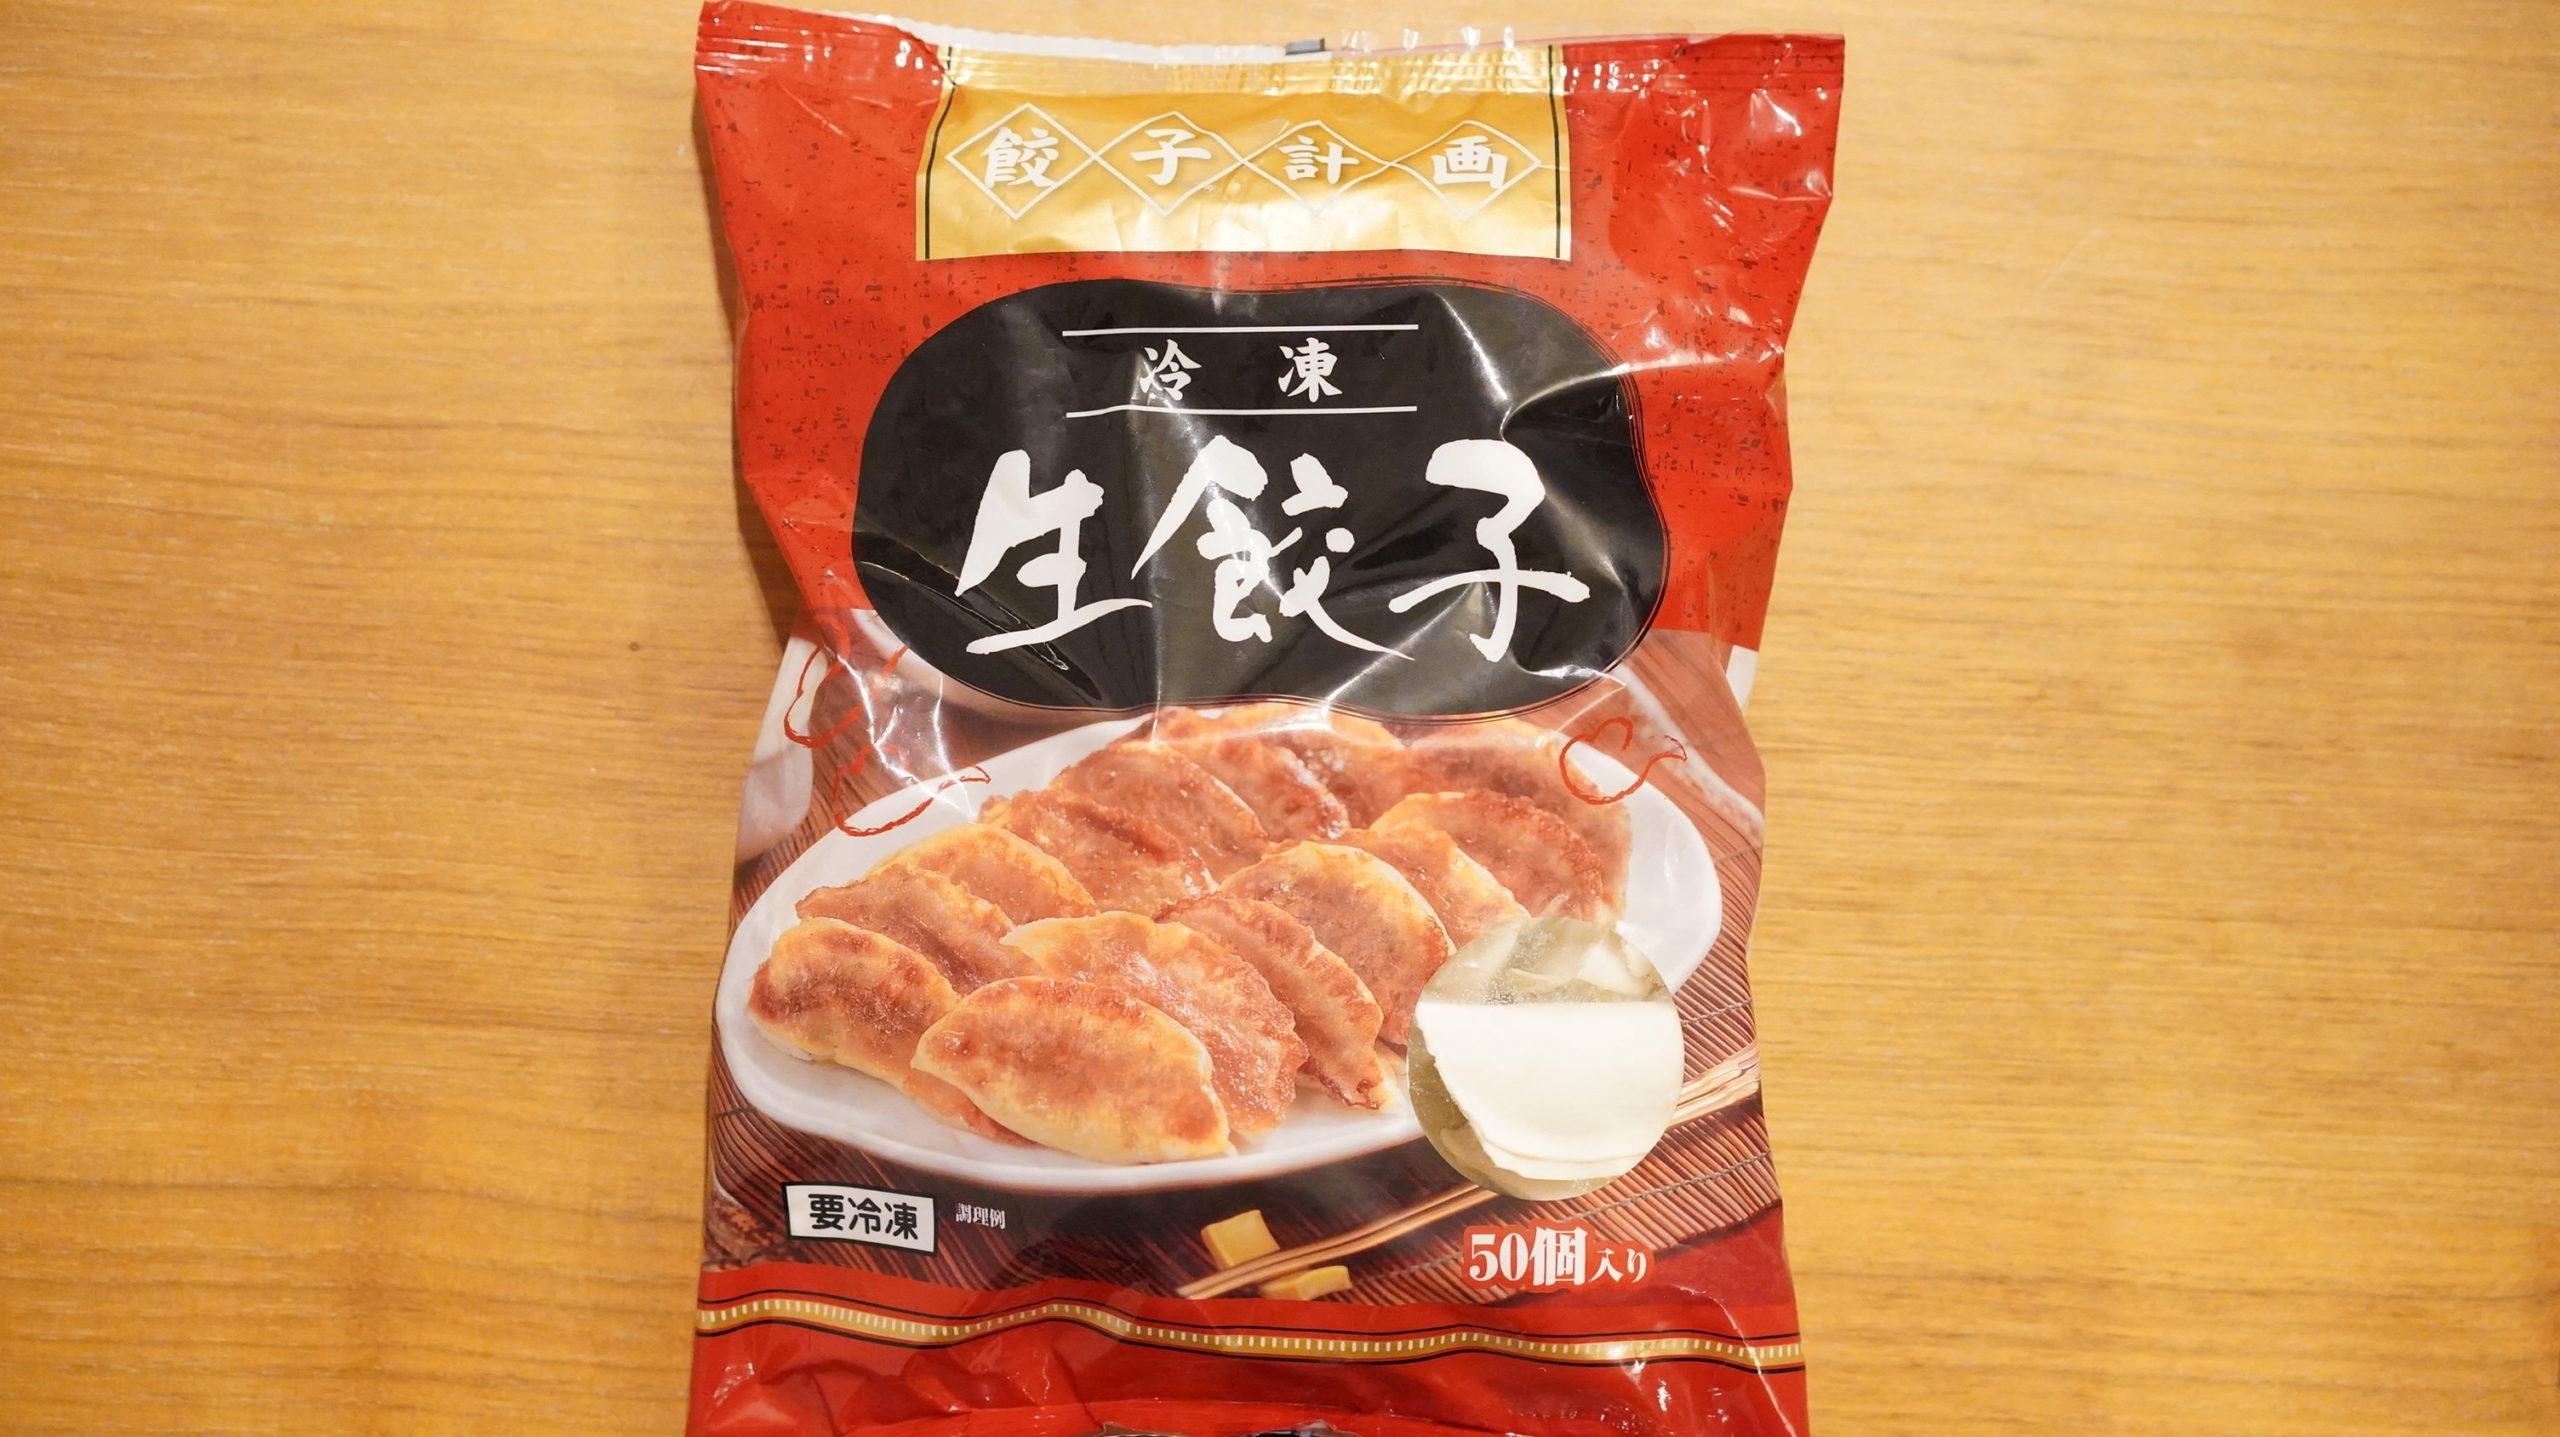 コストコのおすすめ冷凍食品「餃子計画冷凍生餃子」のパッケージ写真